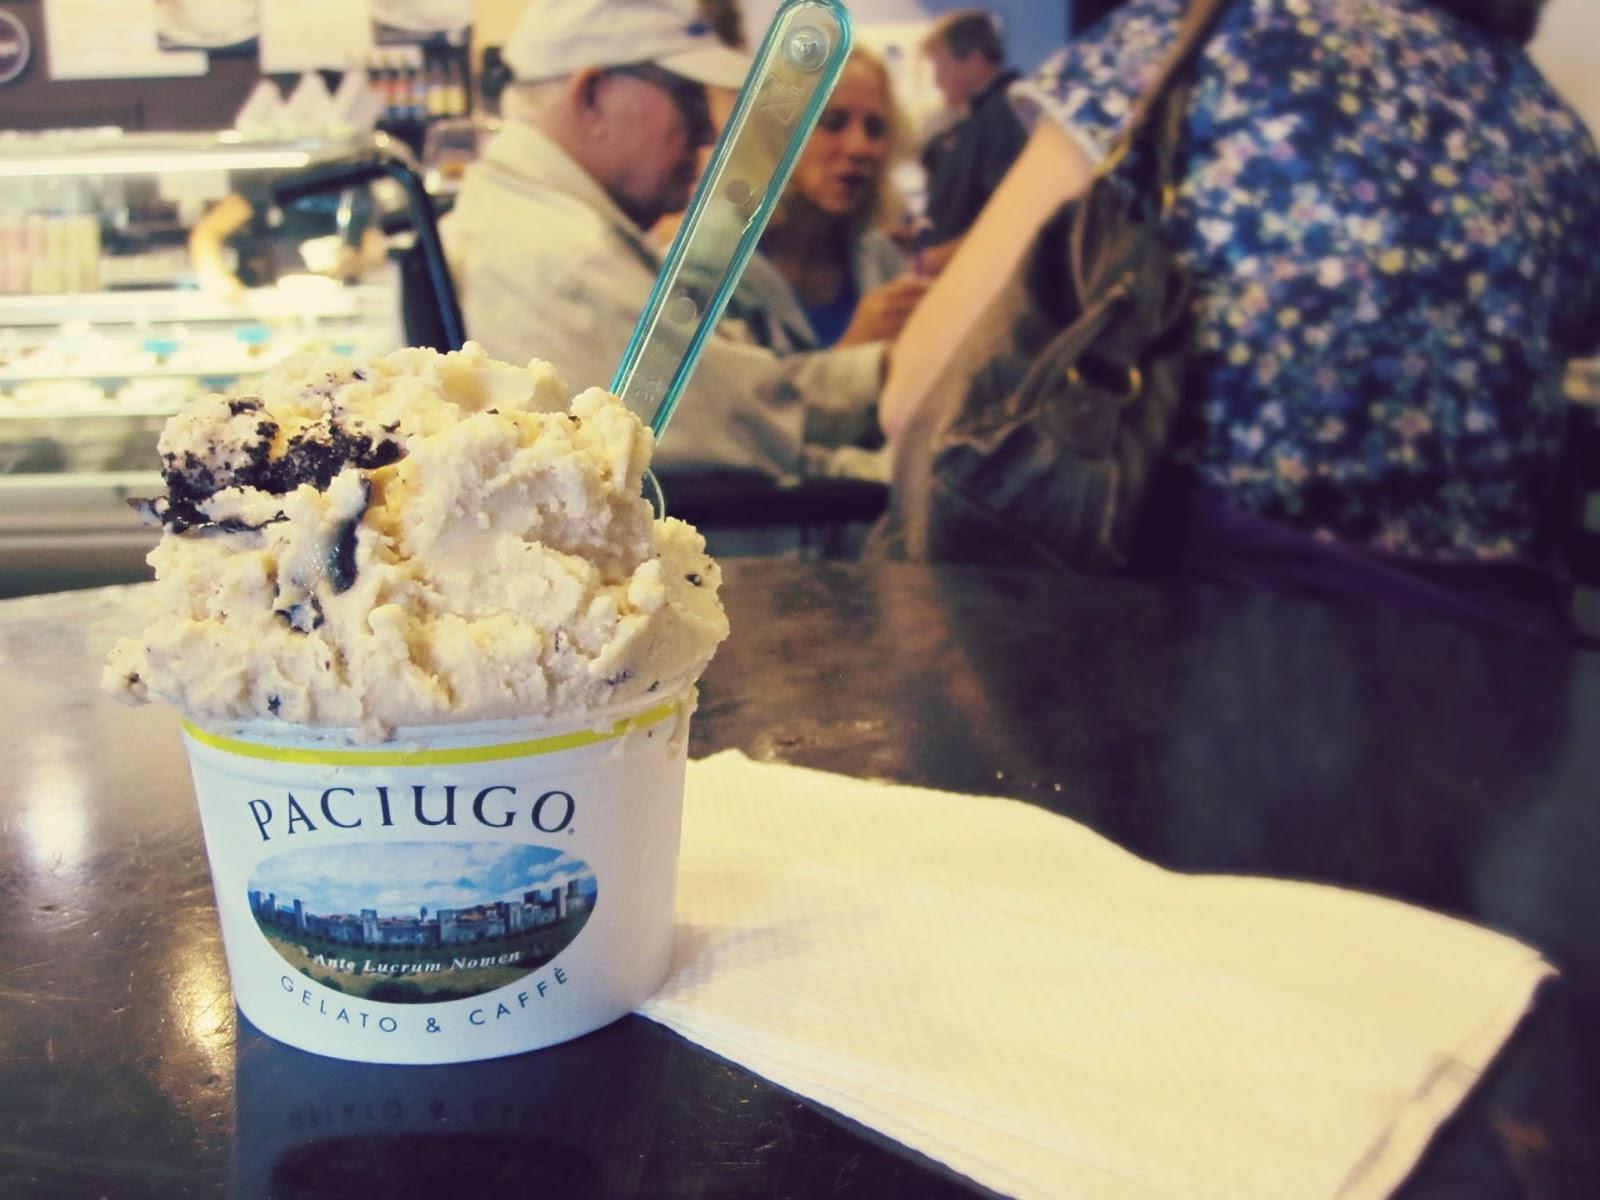 Spring Break In Florida, gelato, paciugo, frozen yogurt recipe